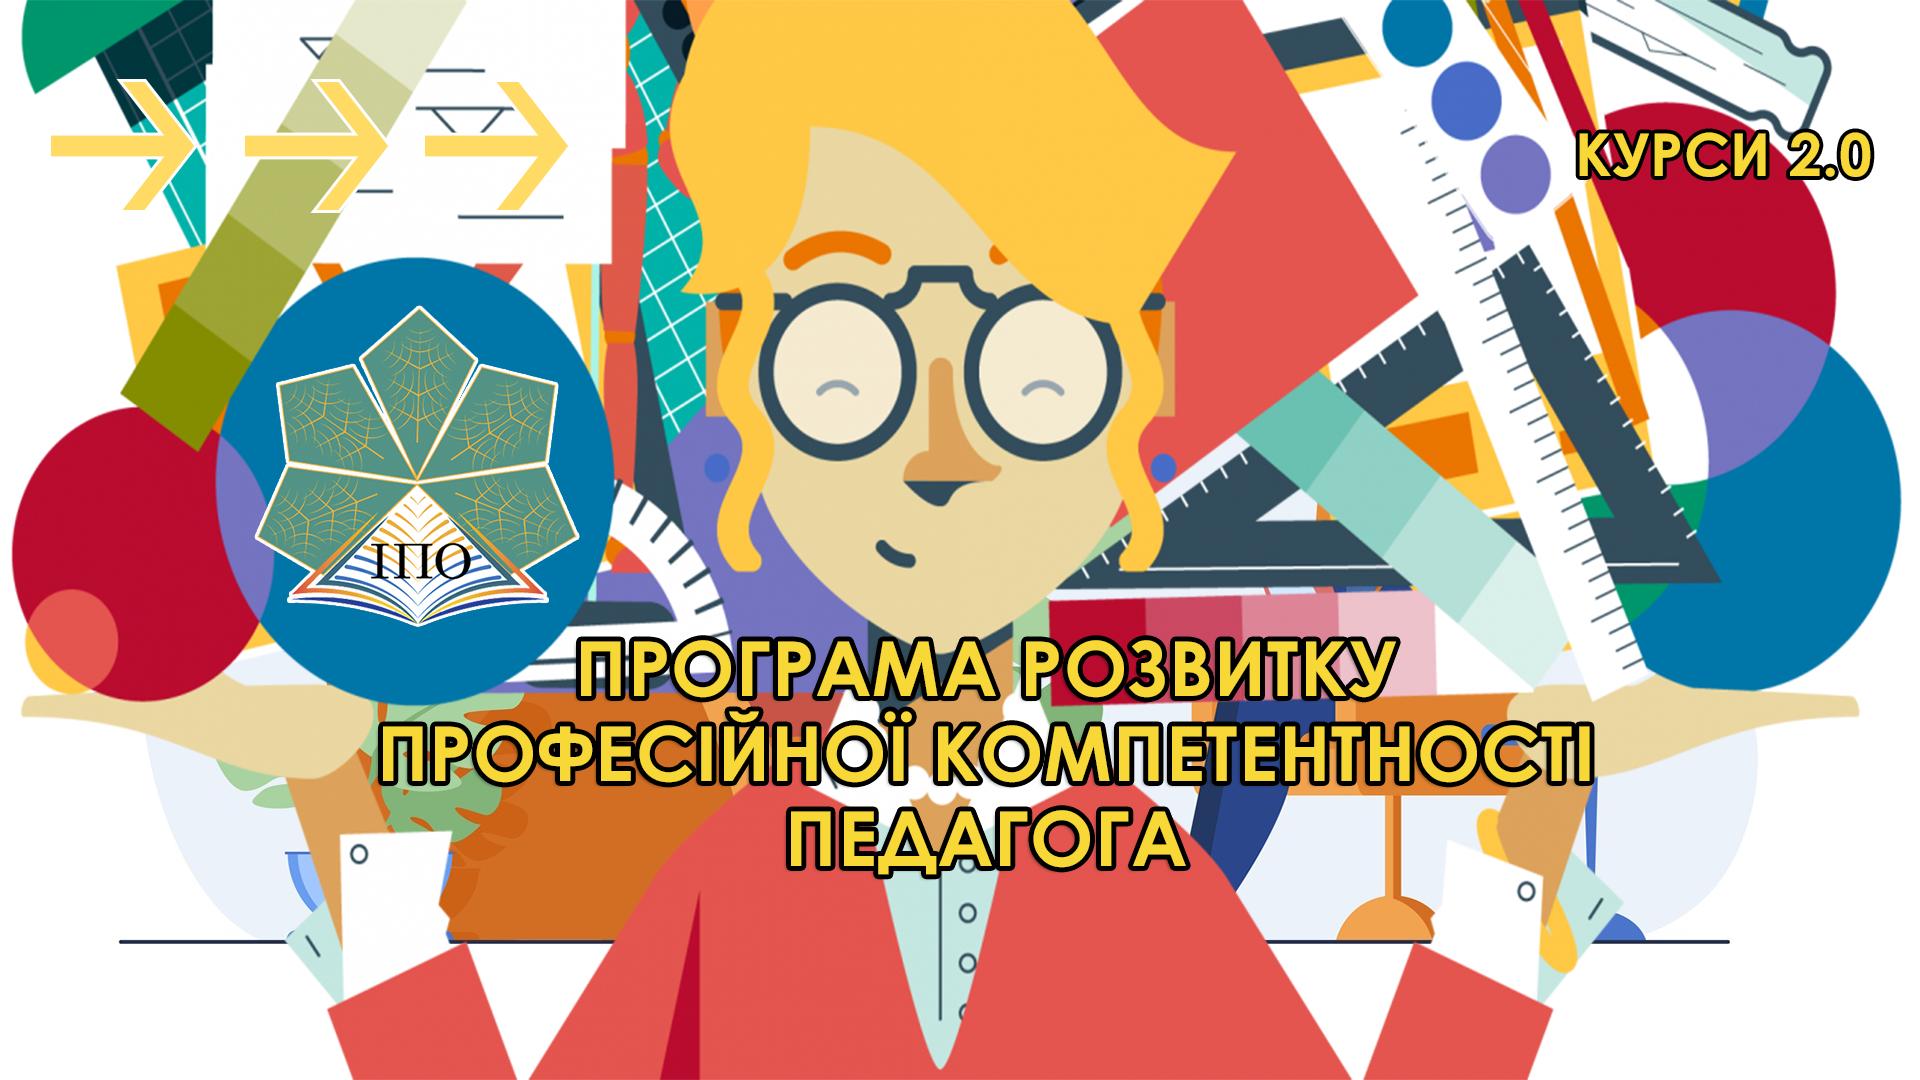 До уваги керівників та педагогічних працівників закладів освіти м.Києва!